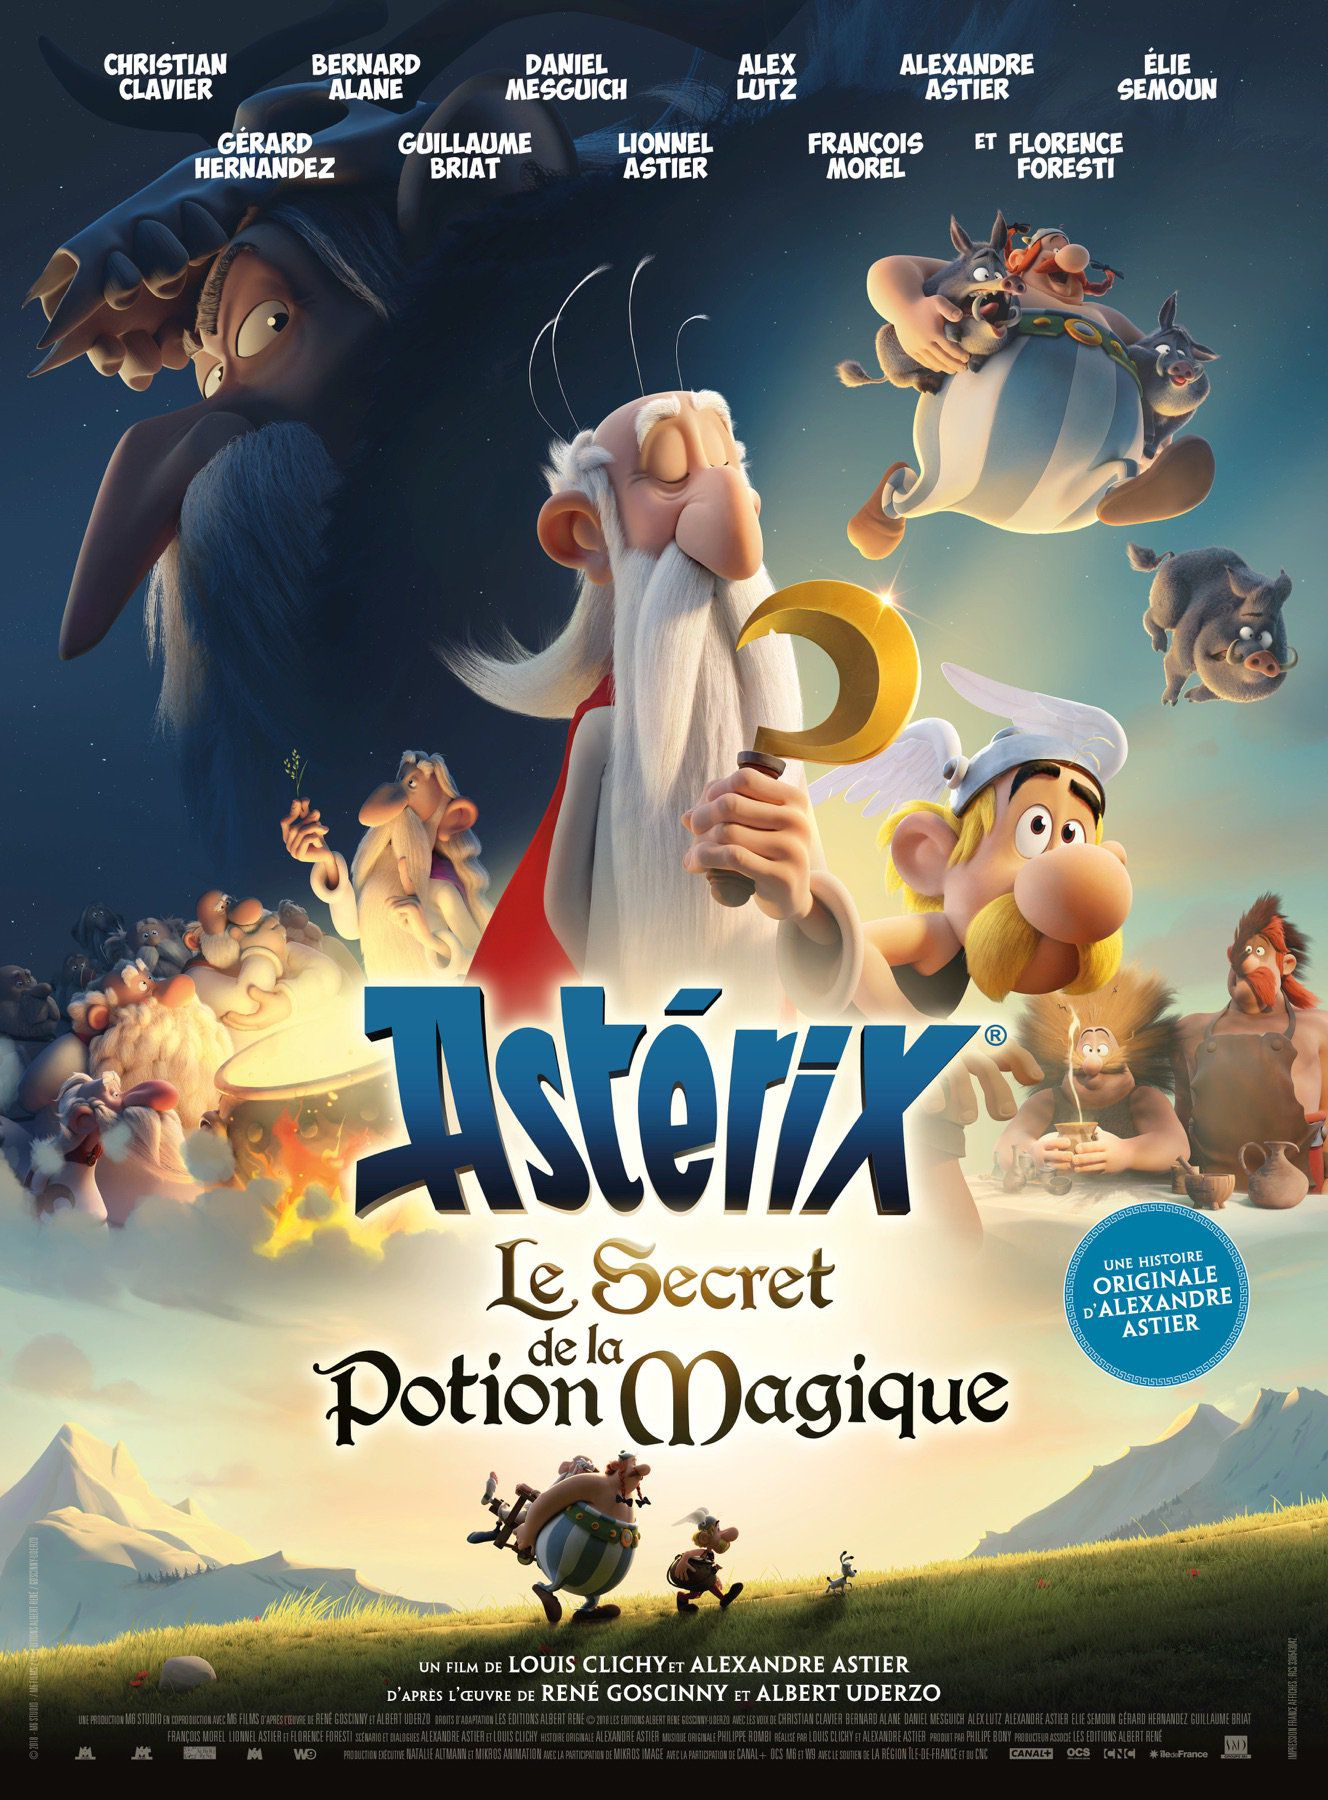 Astérix : Le Secret de la potion magique - Long-métrage d'animation (2018)